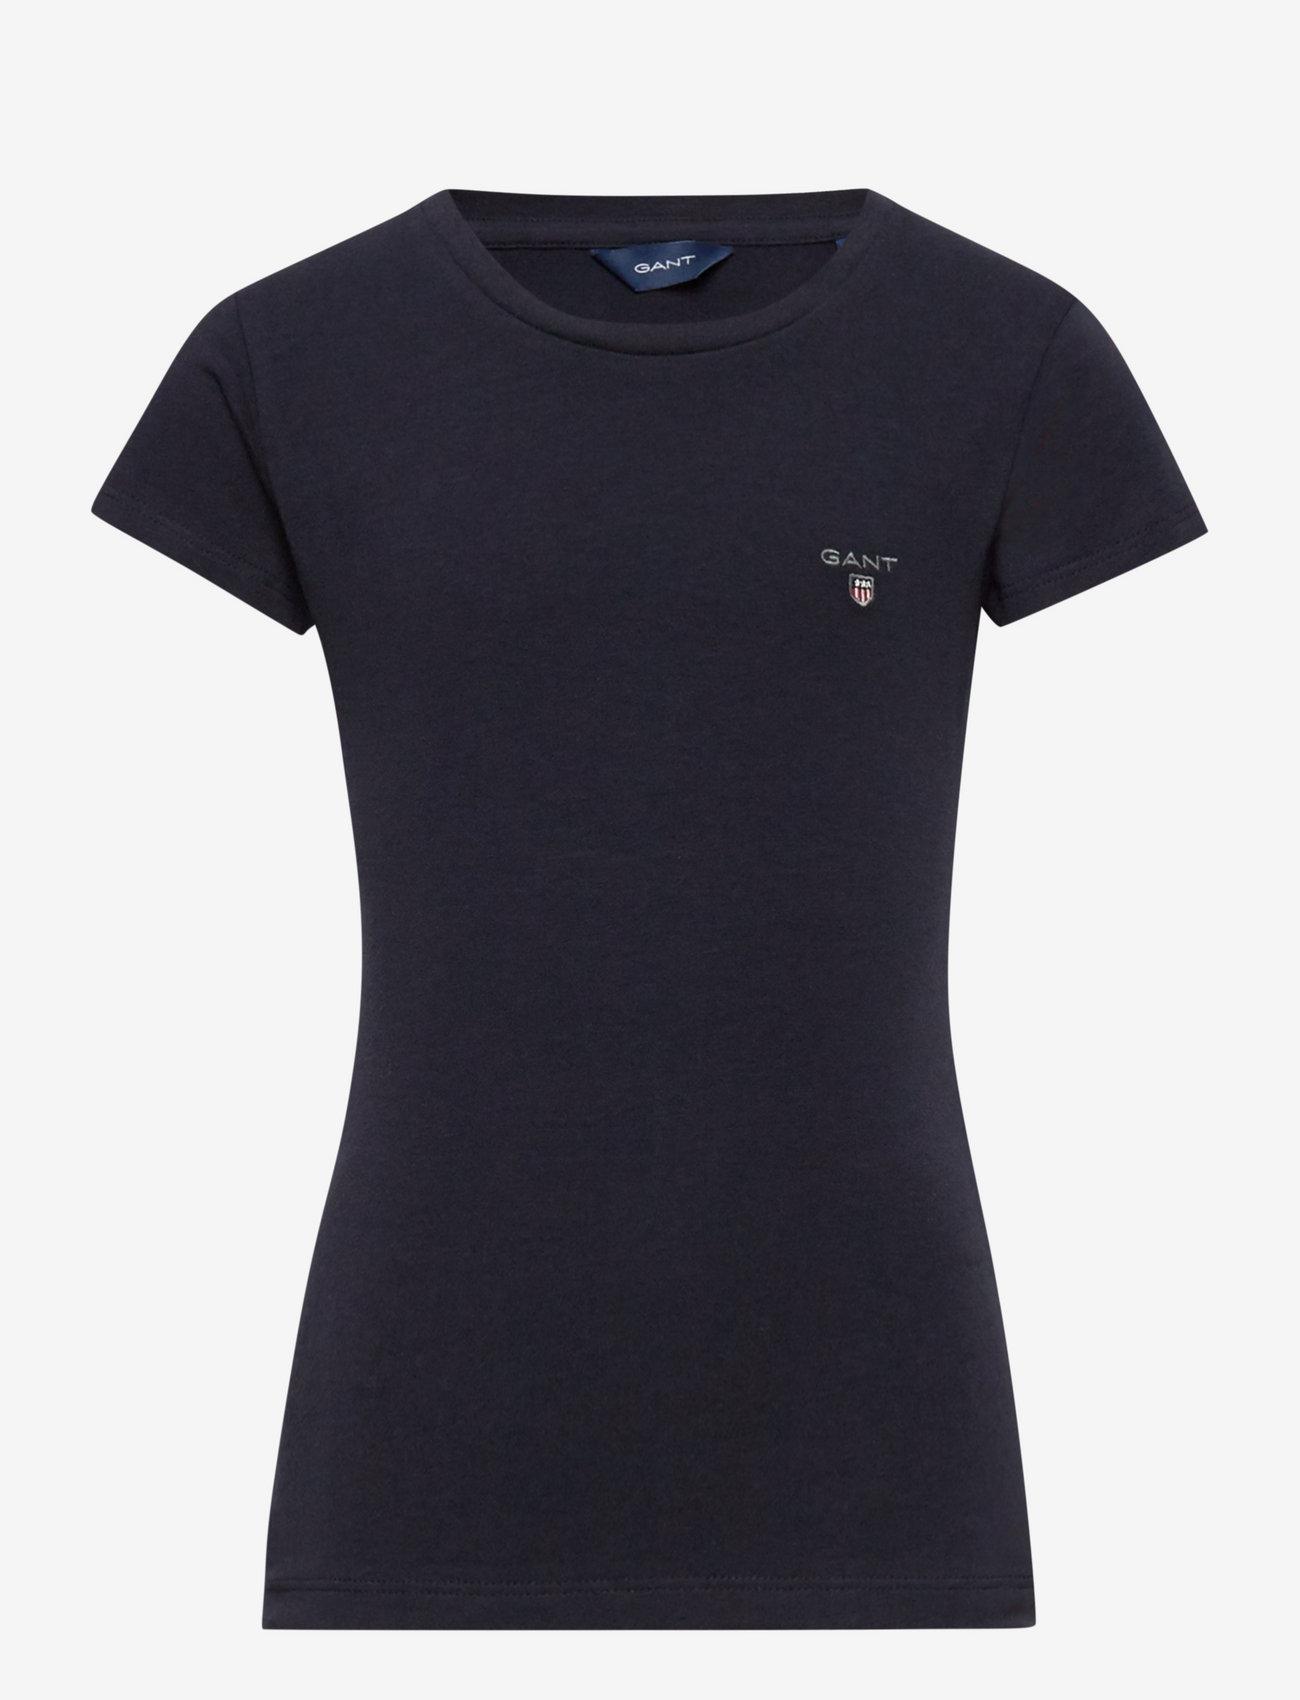 GANT - FITTED ORIGINAL SS T-SHIRT - short-sleeved - evening blue - 0